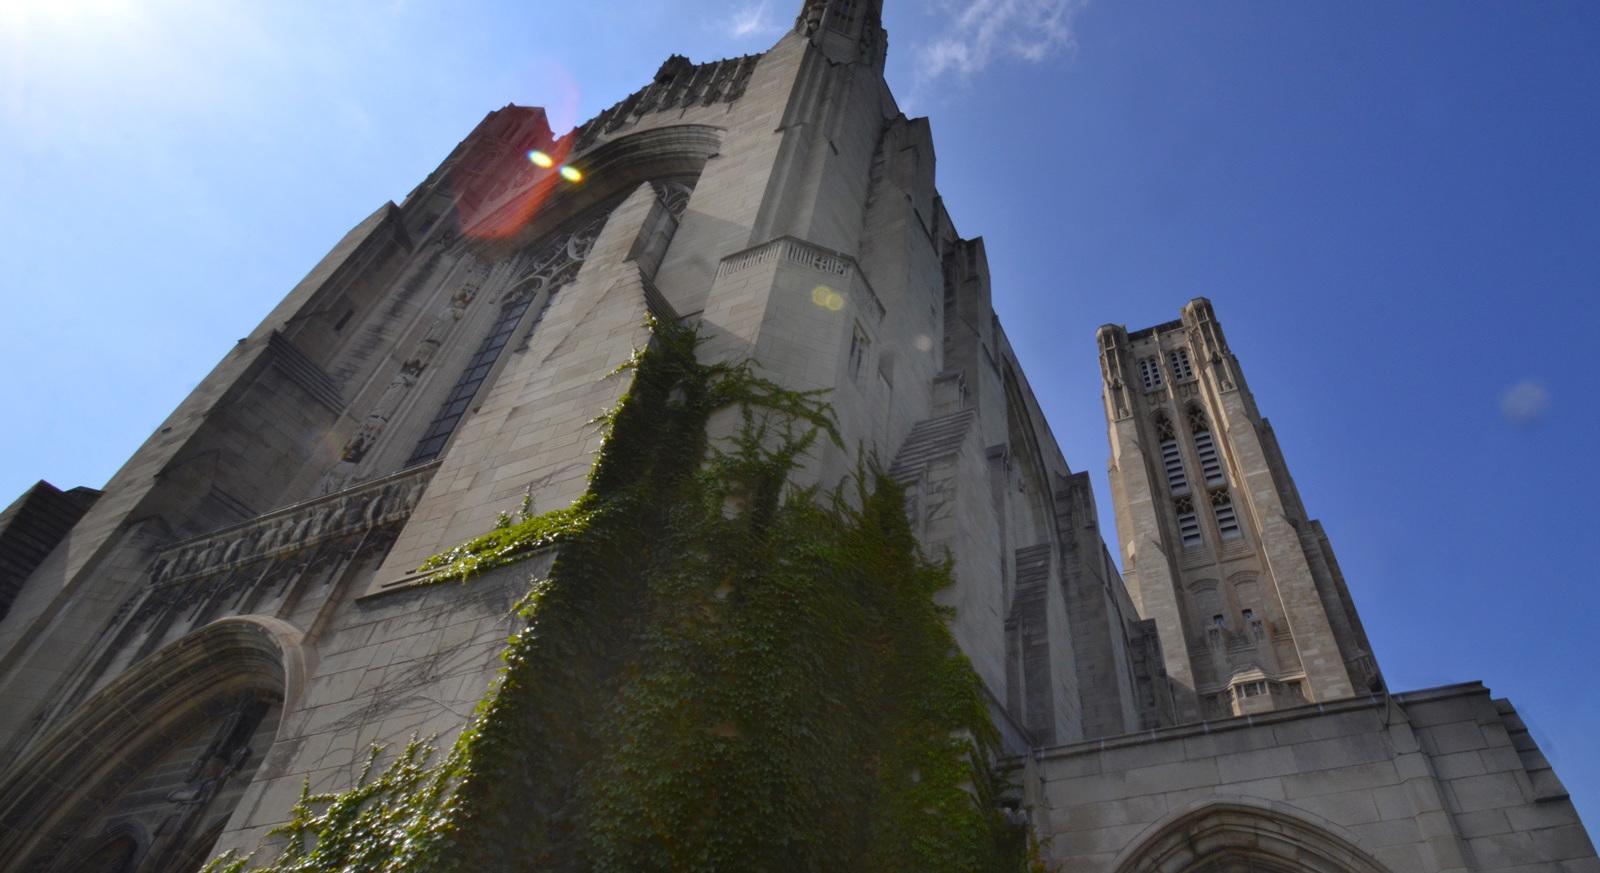 Tower_angle_web